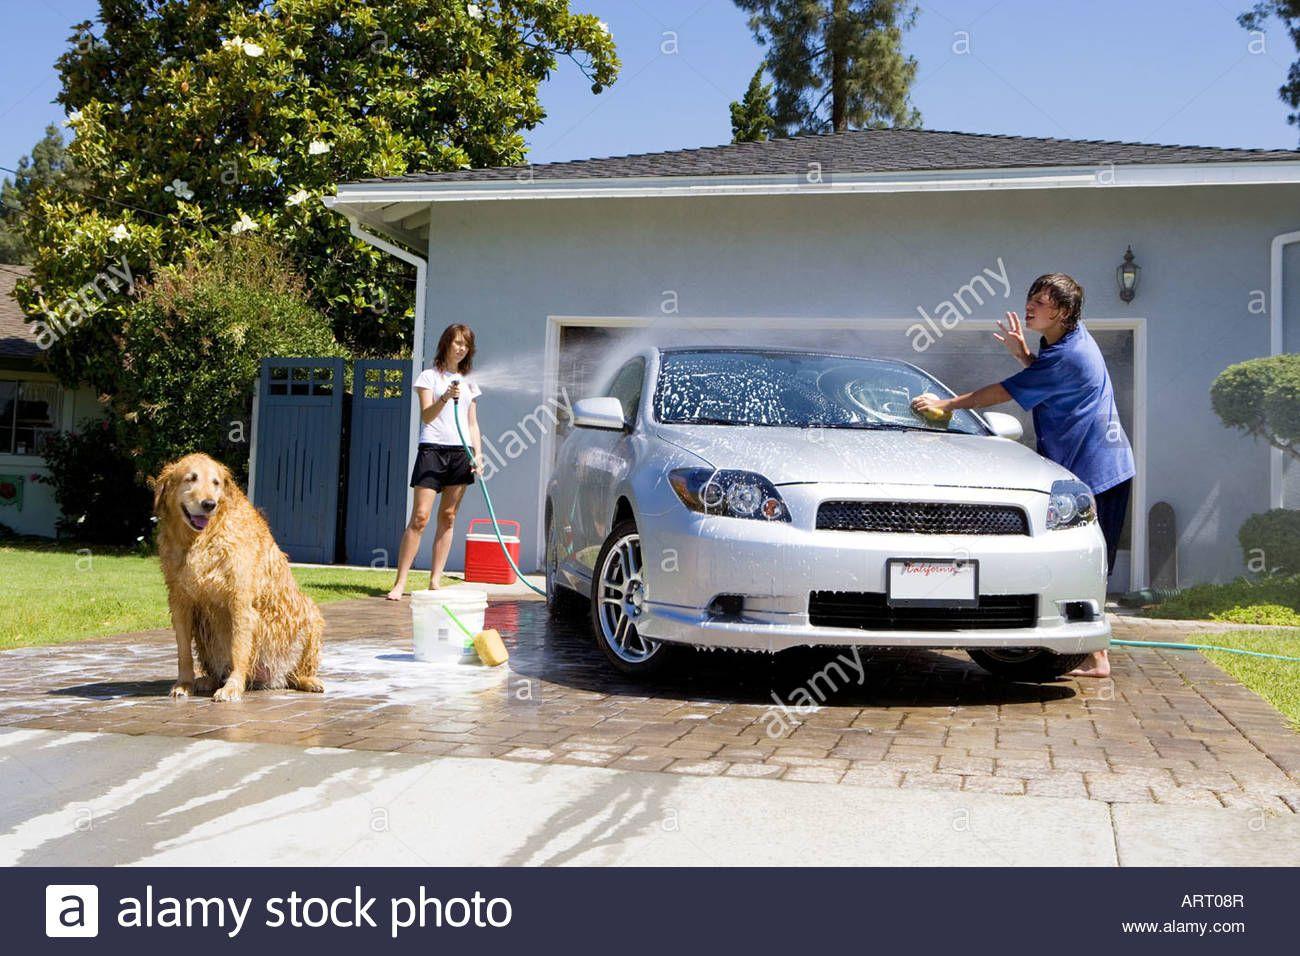 Washing Car In Driveway Google Search Car Wash Car Ins Car